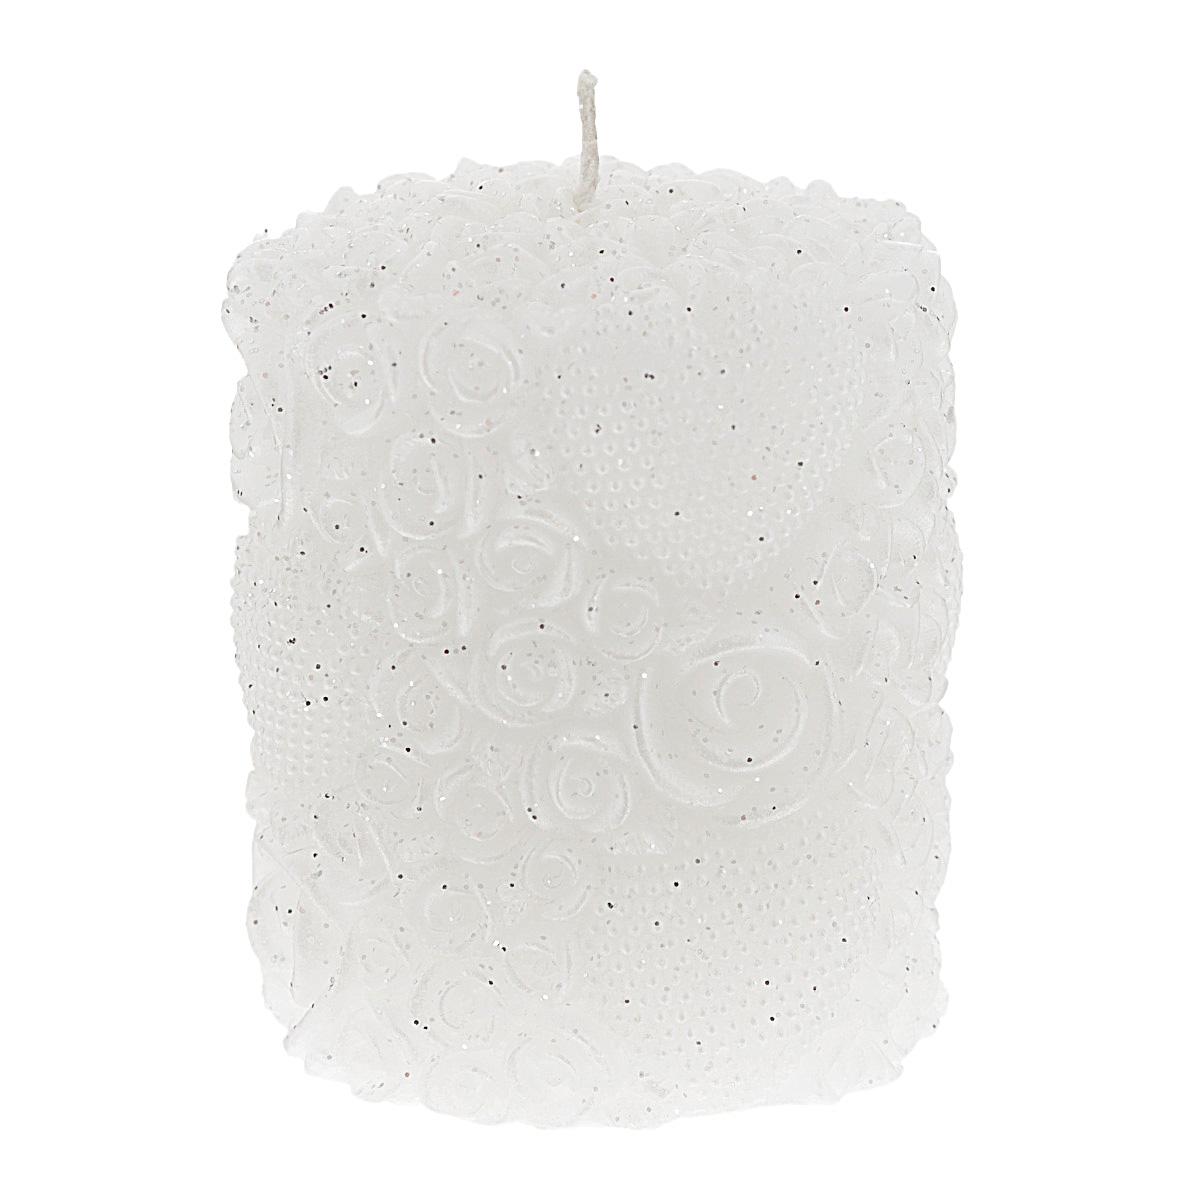 Свеча декоративная Win Max Белые розы, цвет: белый, 7 х 8 см94477Декоративная свеча Win Max Белые розы изготовлена из парафина в форме столбика и украшена рельефным узором из роз и сердец, покрытых блестками. Свеча будет отличным украшением интерьера и подарком на свадьбу или торжество. Свеча упакована в прозрачную пластиковую коробку и украшена бантиком. Декоративная свеча Win Max Белые розы принесет в ваш дом волшебство и ощущение праздника. Создайте в своем доме атмосферу веселья и радости, и тогда самый обычный день с легкостью превратится в торжество. Размер свечи: 7 см х 8 см.